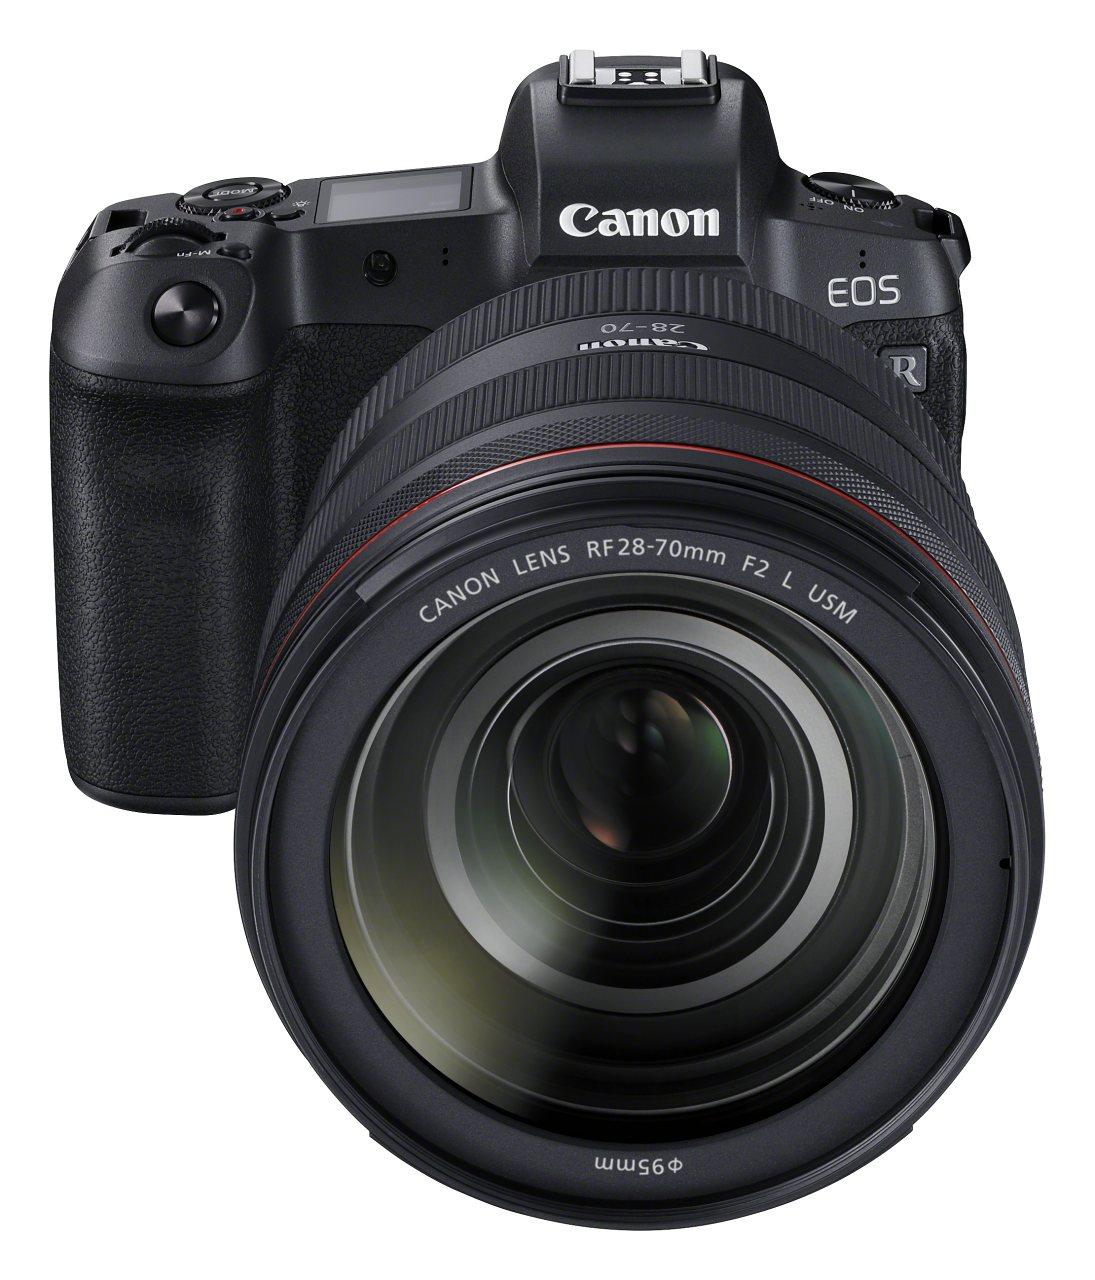 Canon EOS R + Canon RF 28-70mm f/2L USM